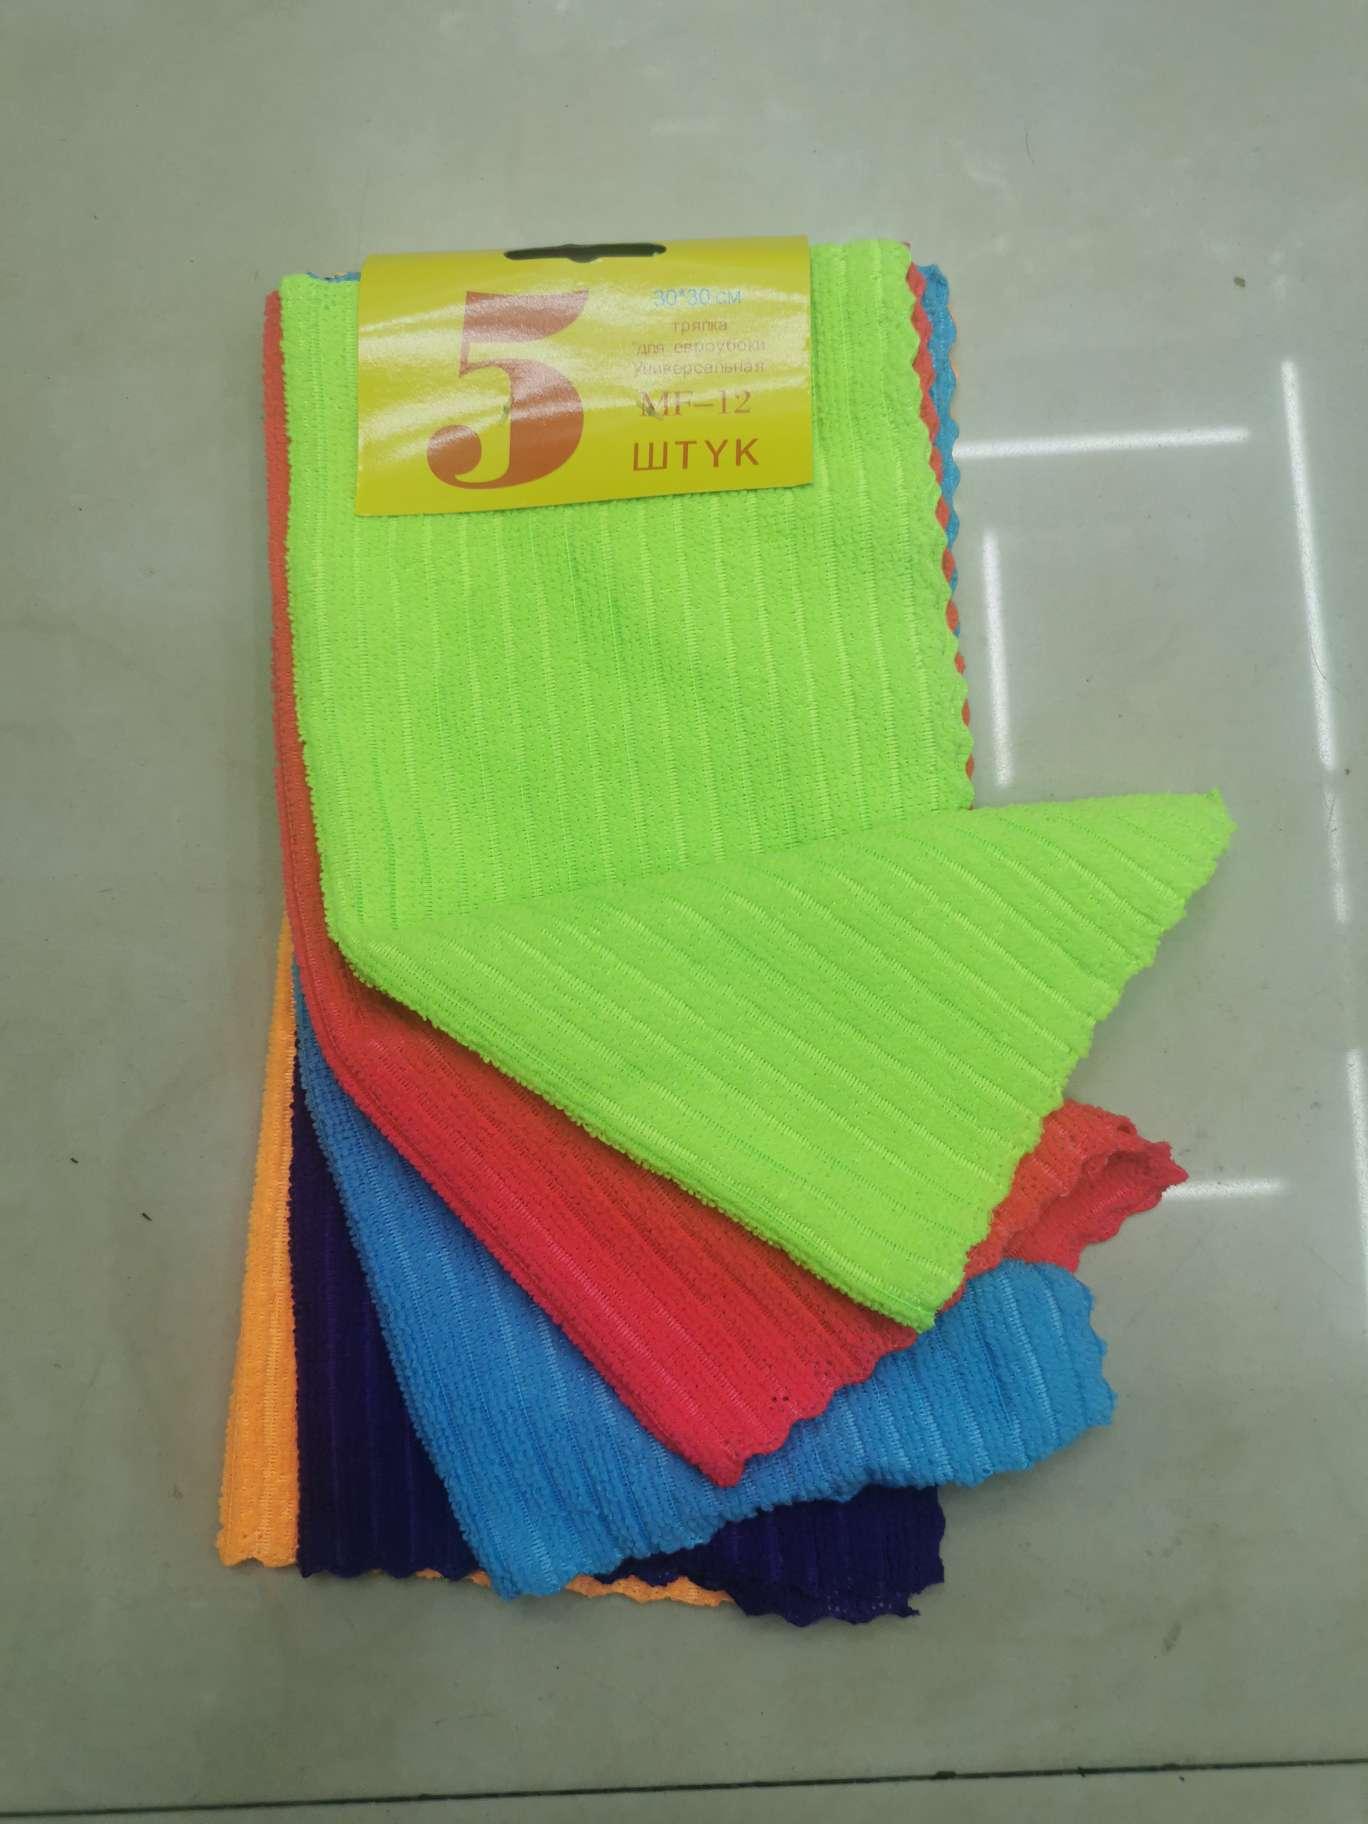 彩色条纹抹布,3030吸水抹布,5片一卡